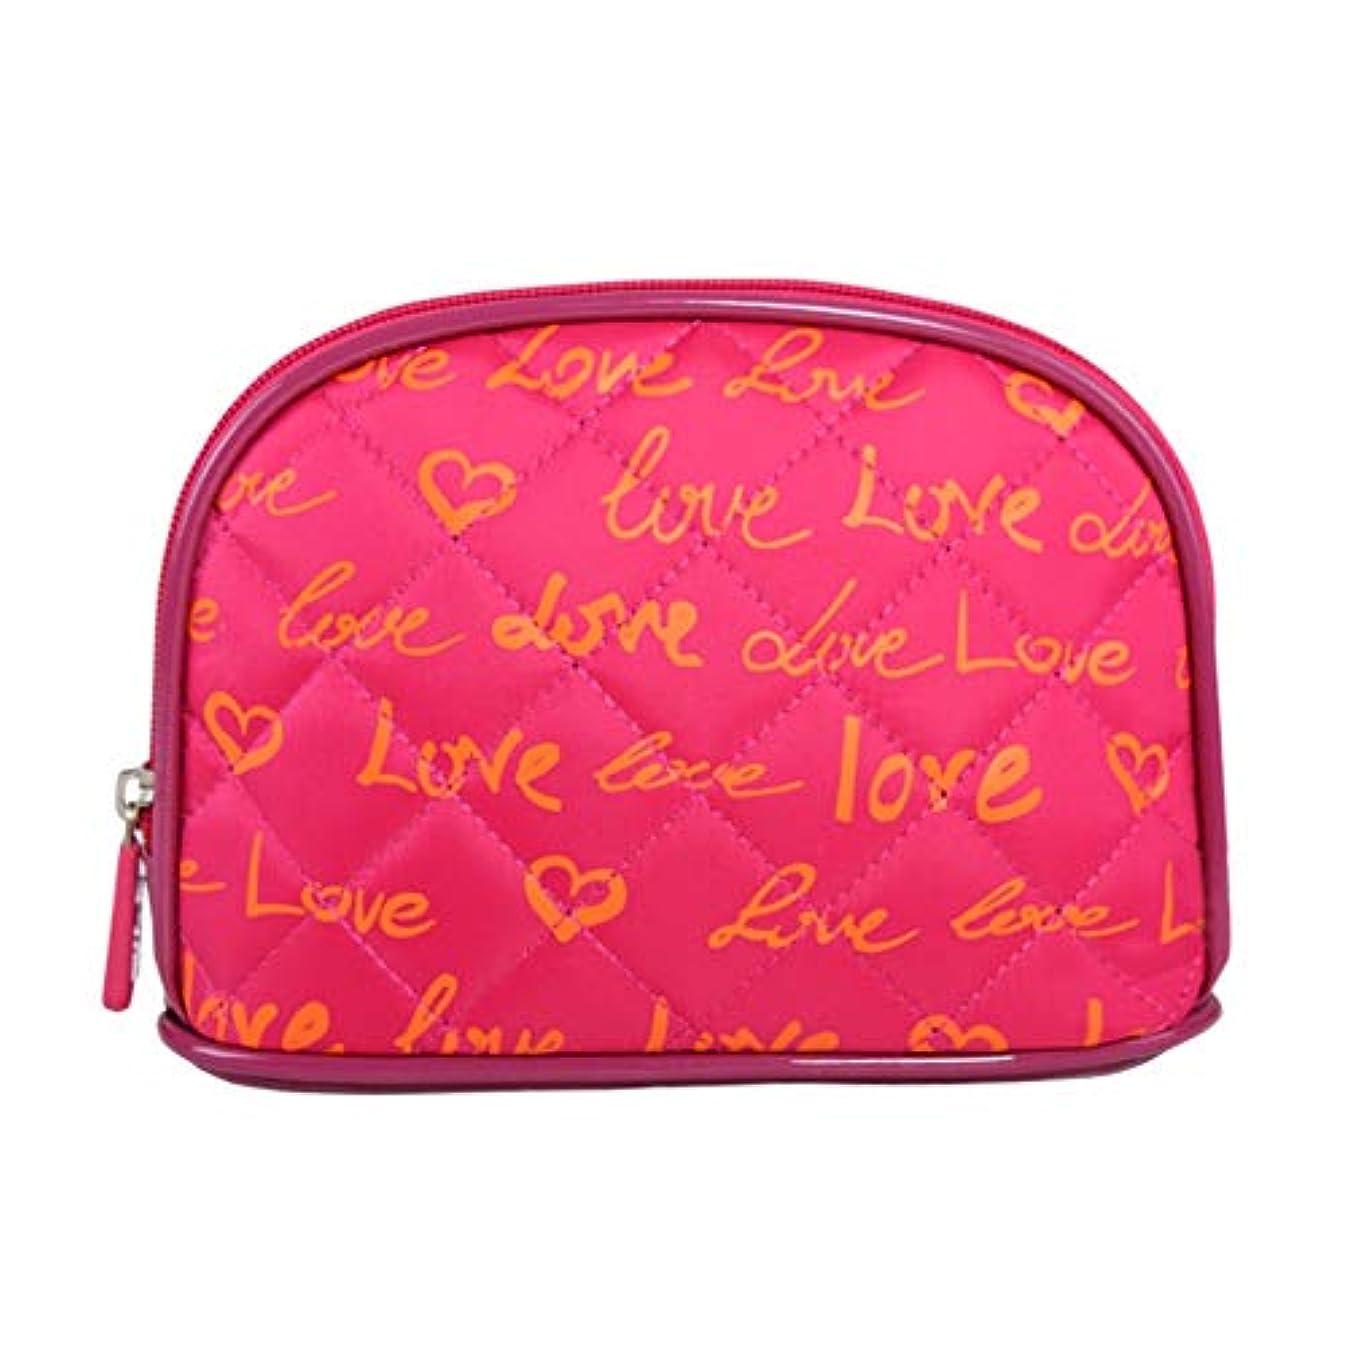 ホステス構成員イベント化粧オーガナイザーバッグ ポータブル防水化粧品袋印刷トップジッパーメークアップの場合旅行 化粧品ケース (色 : 赤)